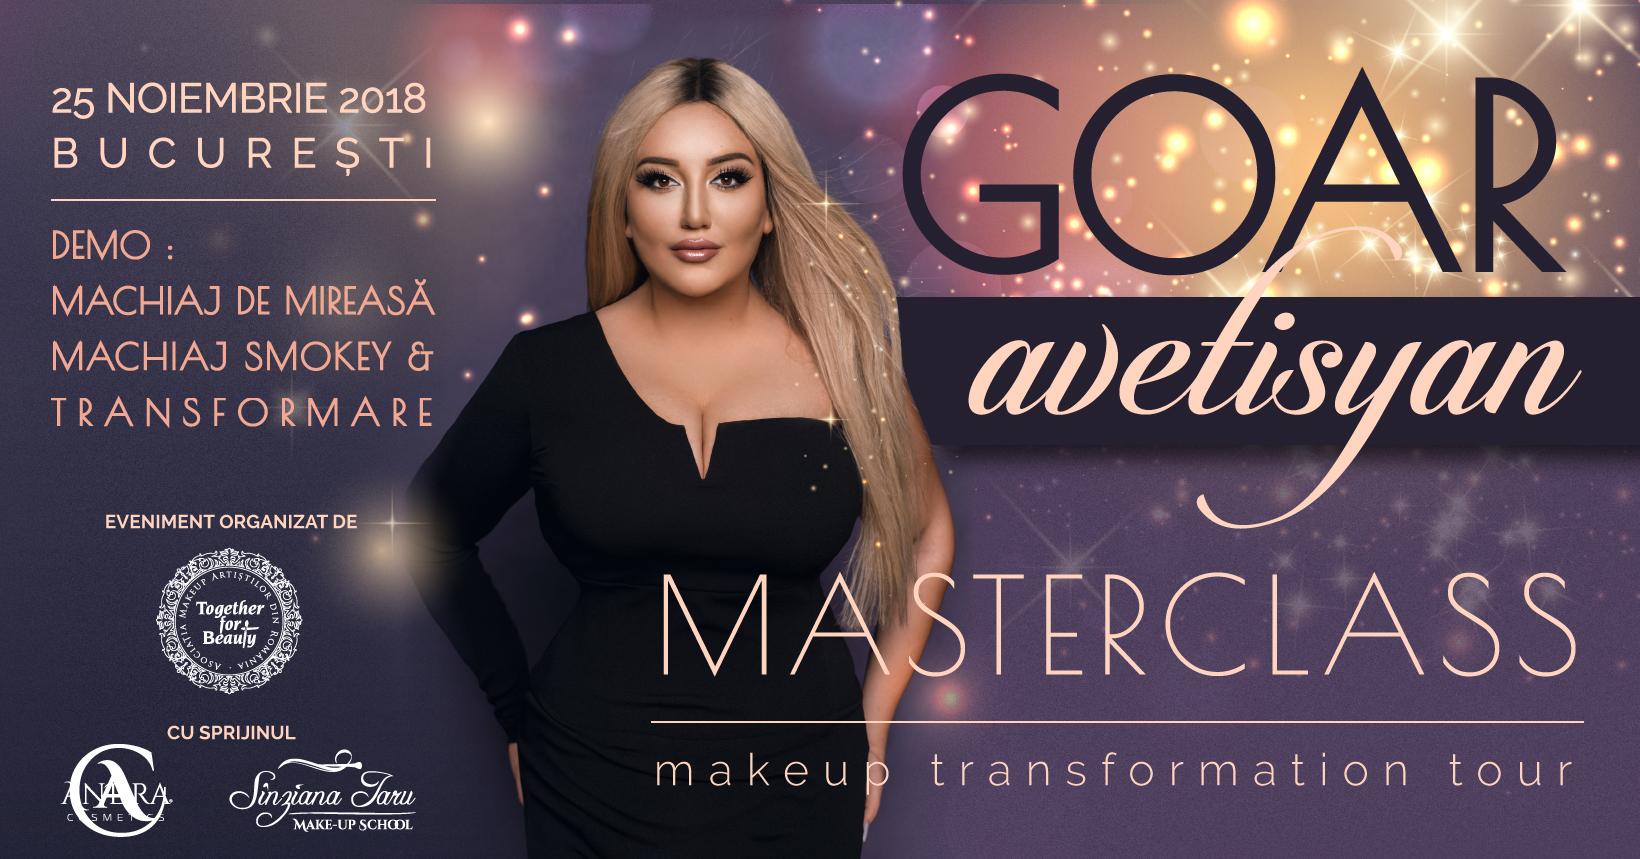 goar-avetisyan-facebook-event